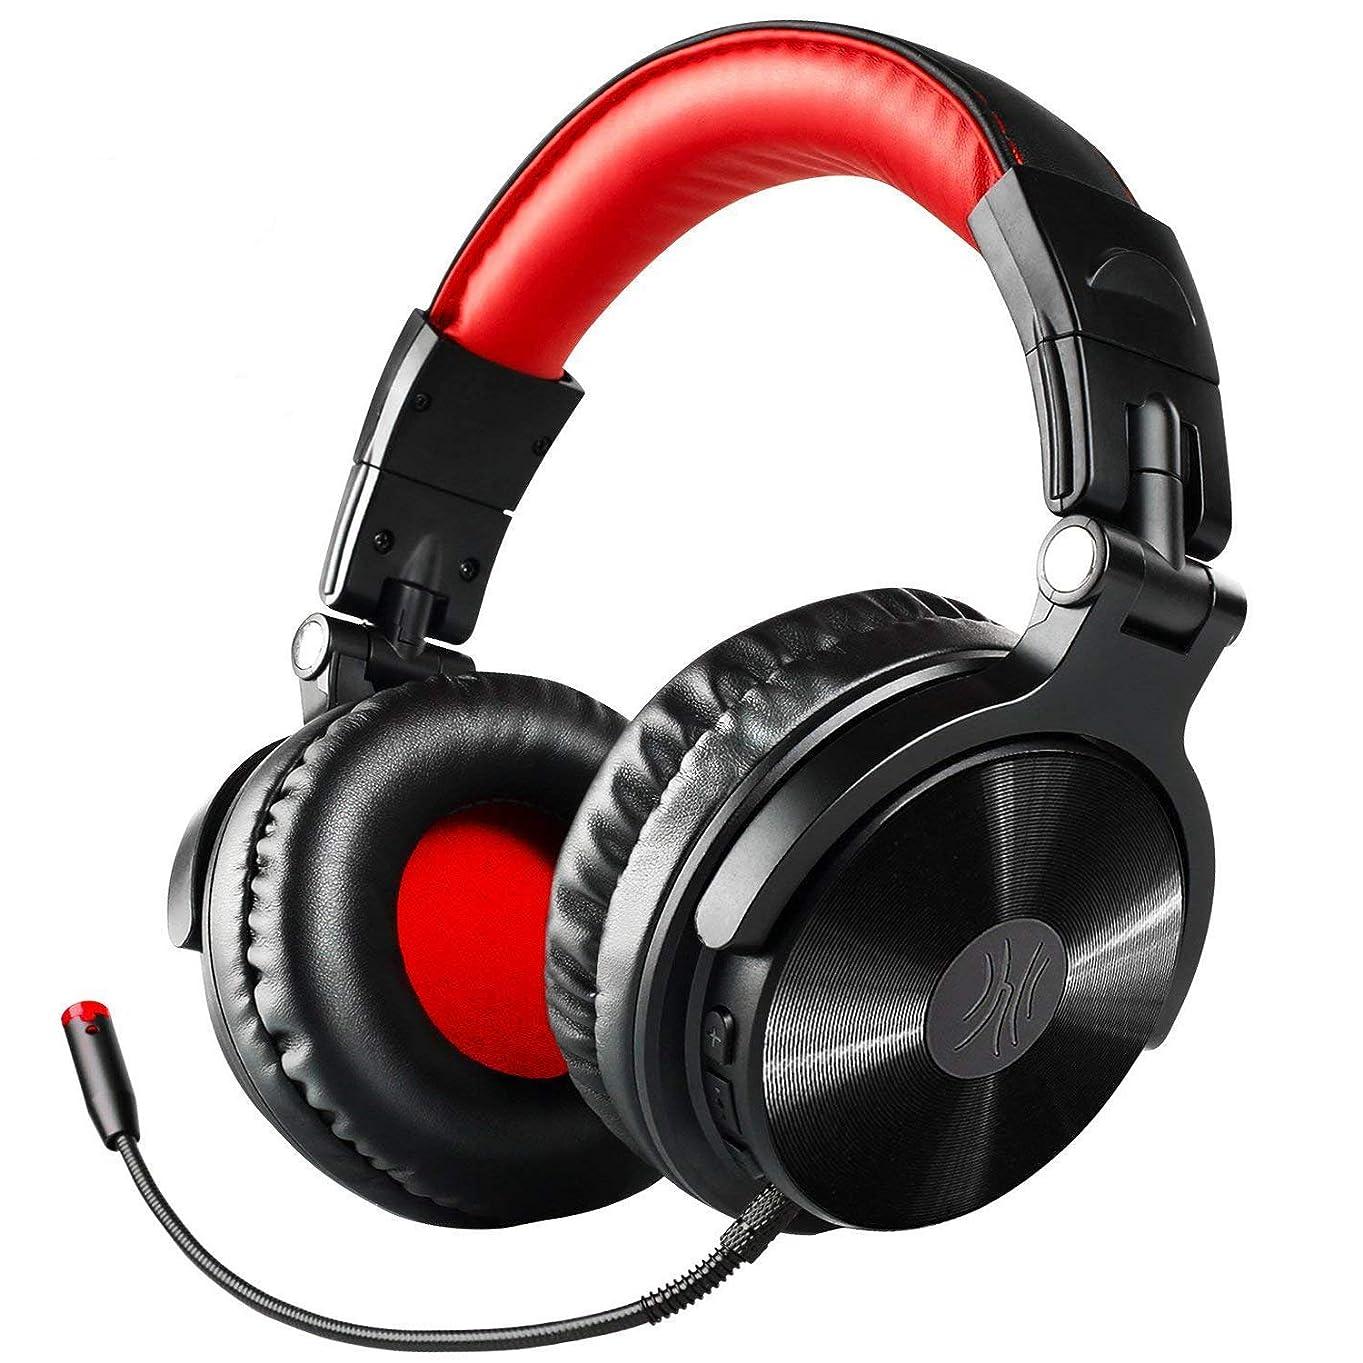 組み込むベテラン切り下げOneAudio ヘッドホン Bluetooth ゲーミングヘッドセット 着脱式マイク 低音強化 密閉型 折りたたみ式 30時間 500mAh 有線-無線 Xbox/PS4/Switch Pro-M